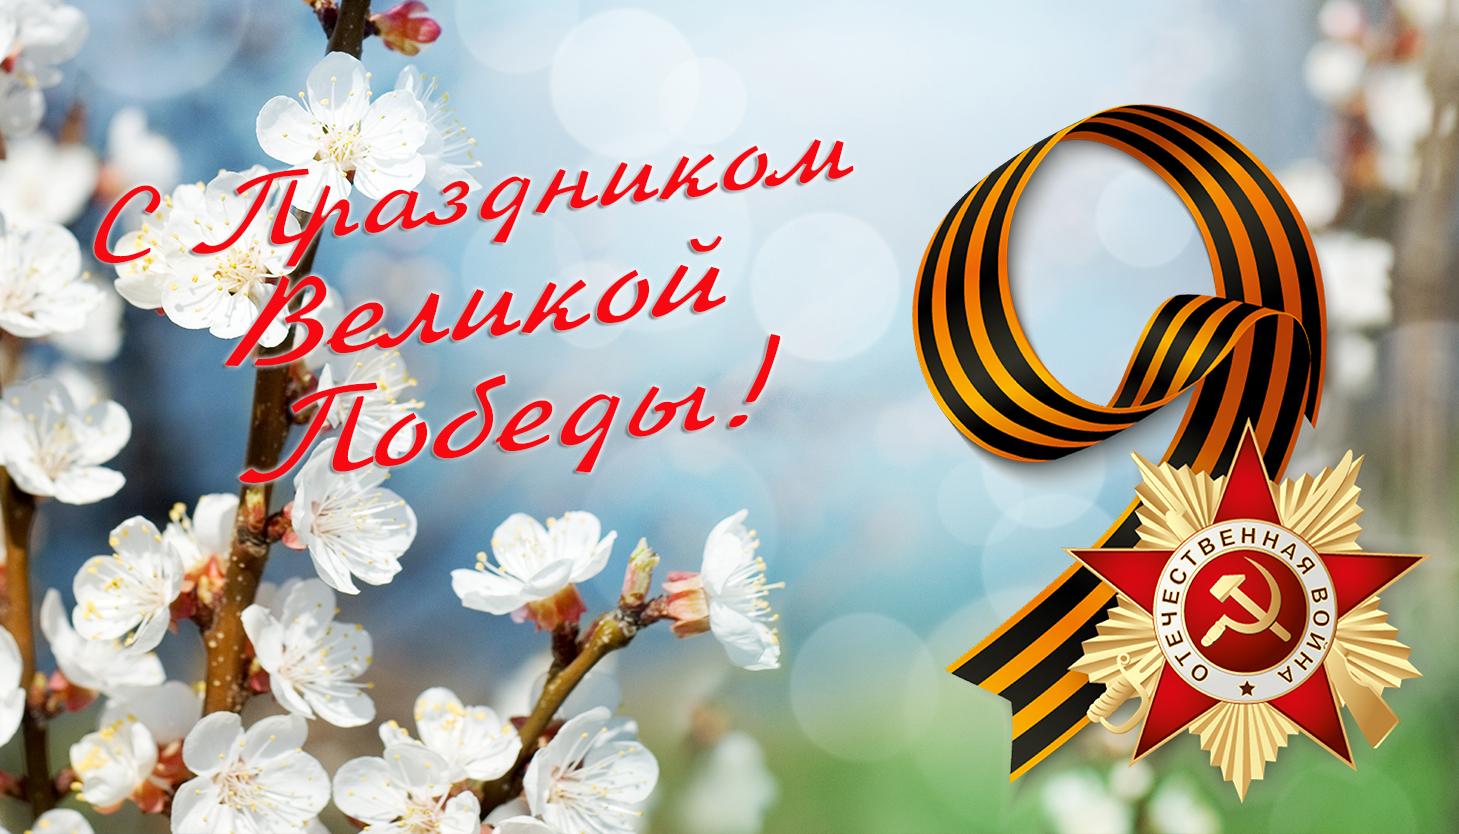 Поздравление главы Пантелеймоновской поселковой администрации с 76-ой годовщиной Великой Победы 1941-1945 гг.